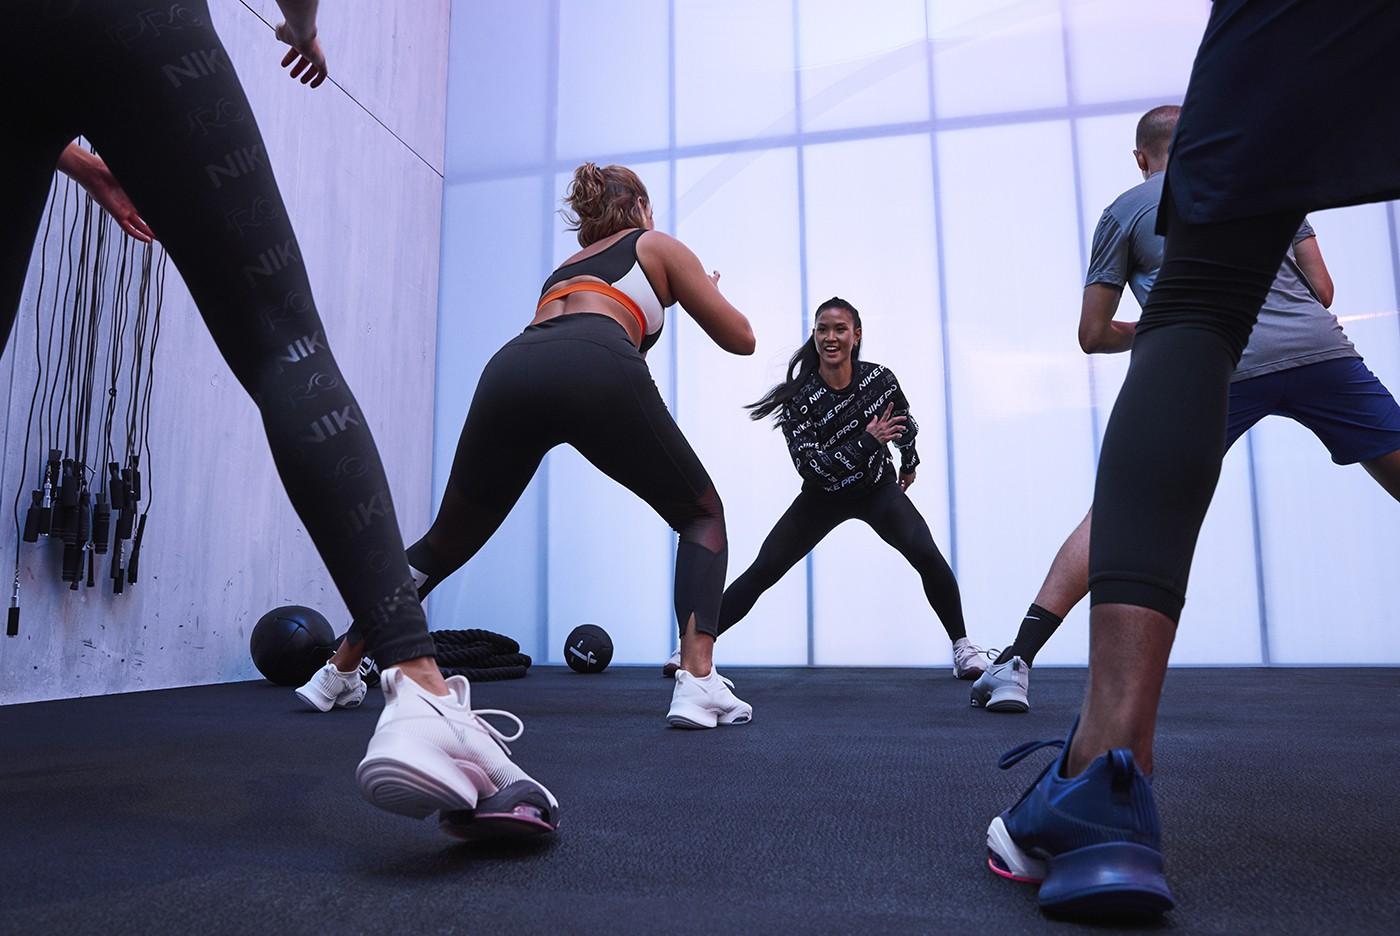 Фитнес конвенция Nike пройдет 21-22 марта  в Киеве - фото №2